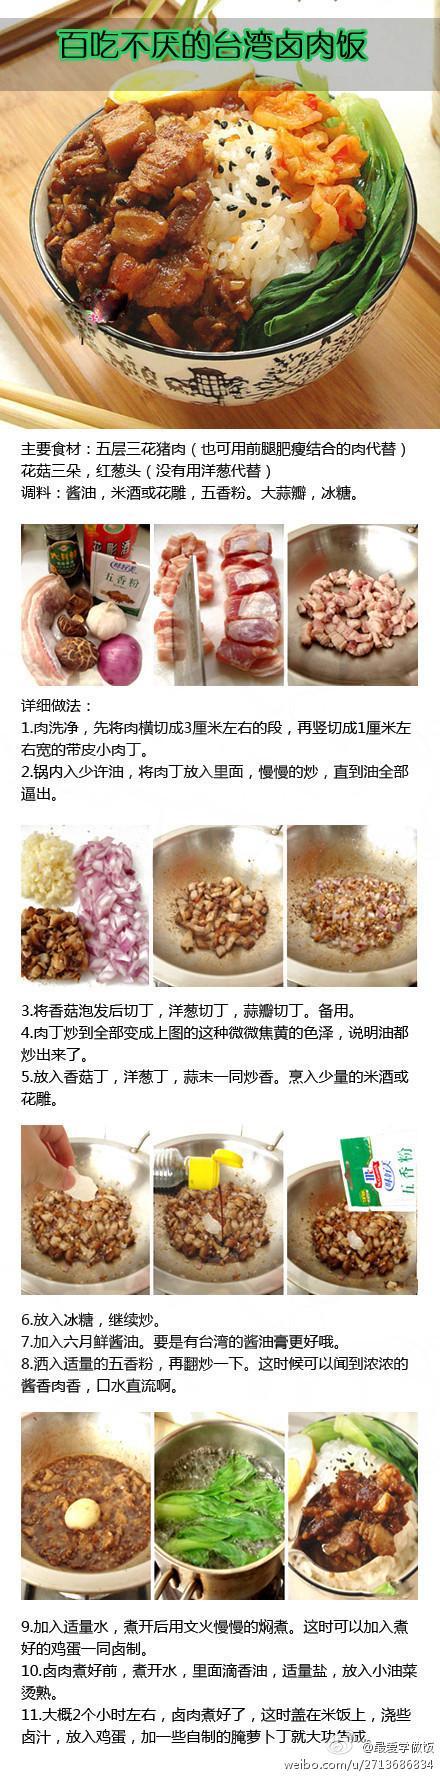 【百吃不厌的台湾卤肉饭】